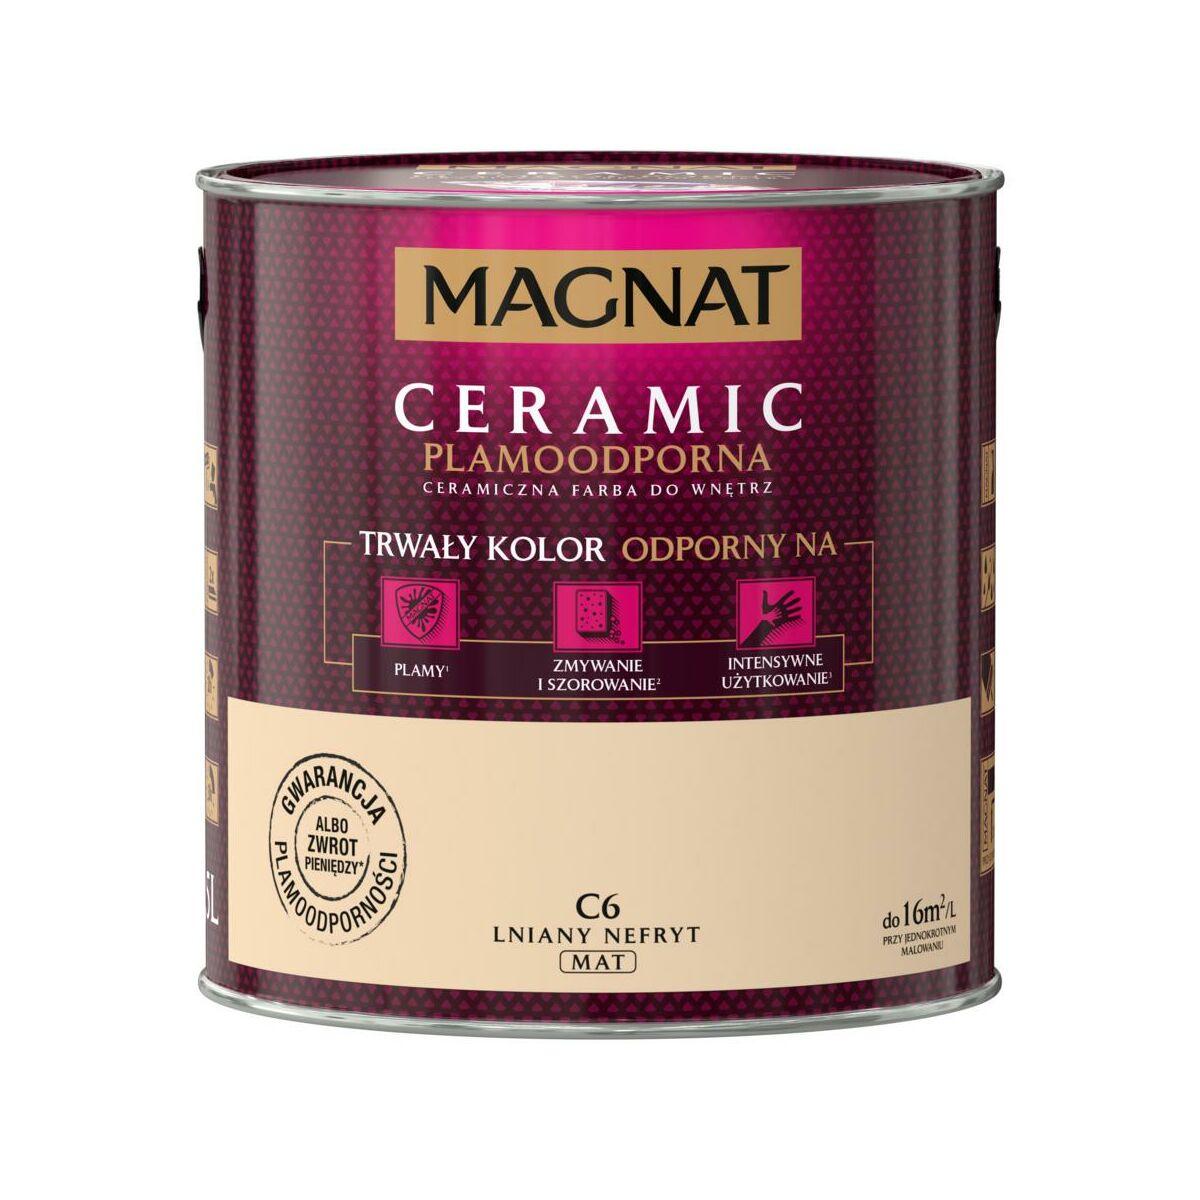 Farba Wewnetrzna Ceramic 2 5 L Lniany Nefryt Magnat Farby Scienne Kolorowe W Atrakcyjnej Cenie W Sklepach Leroy Merlin